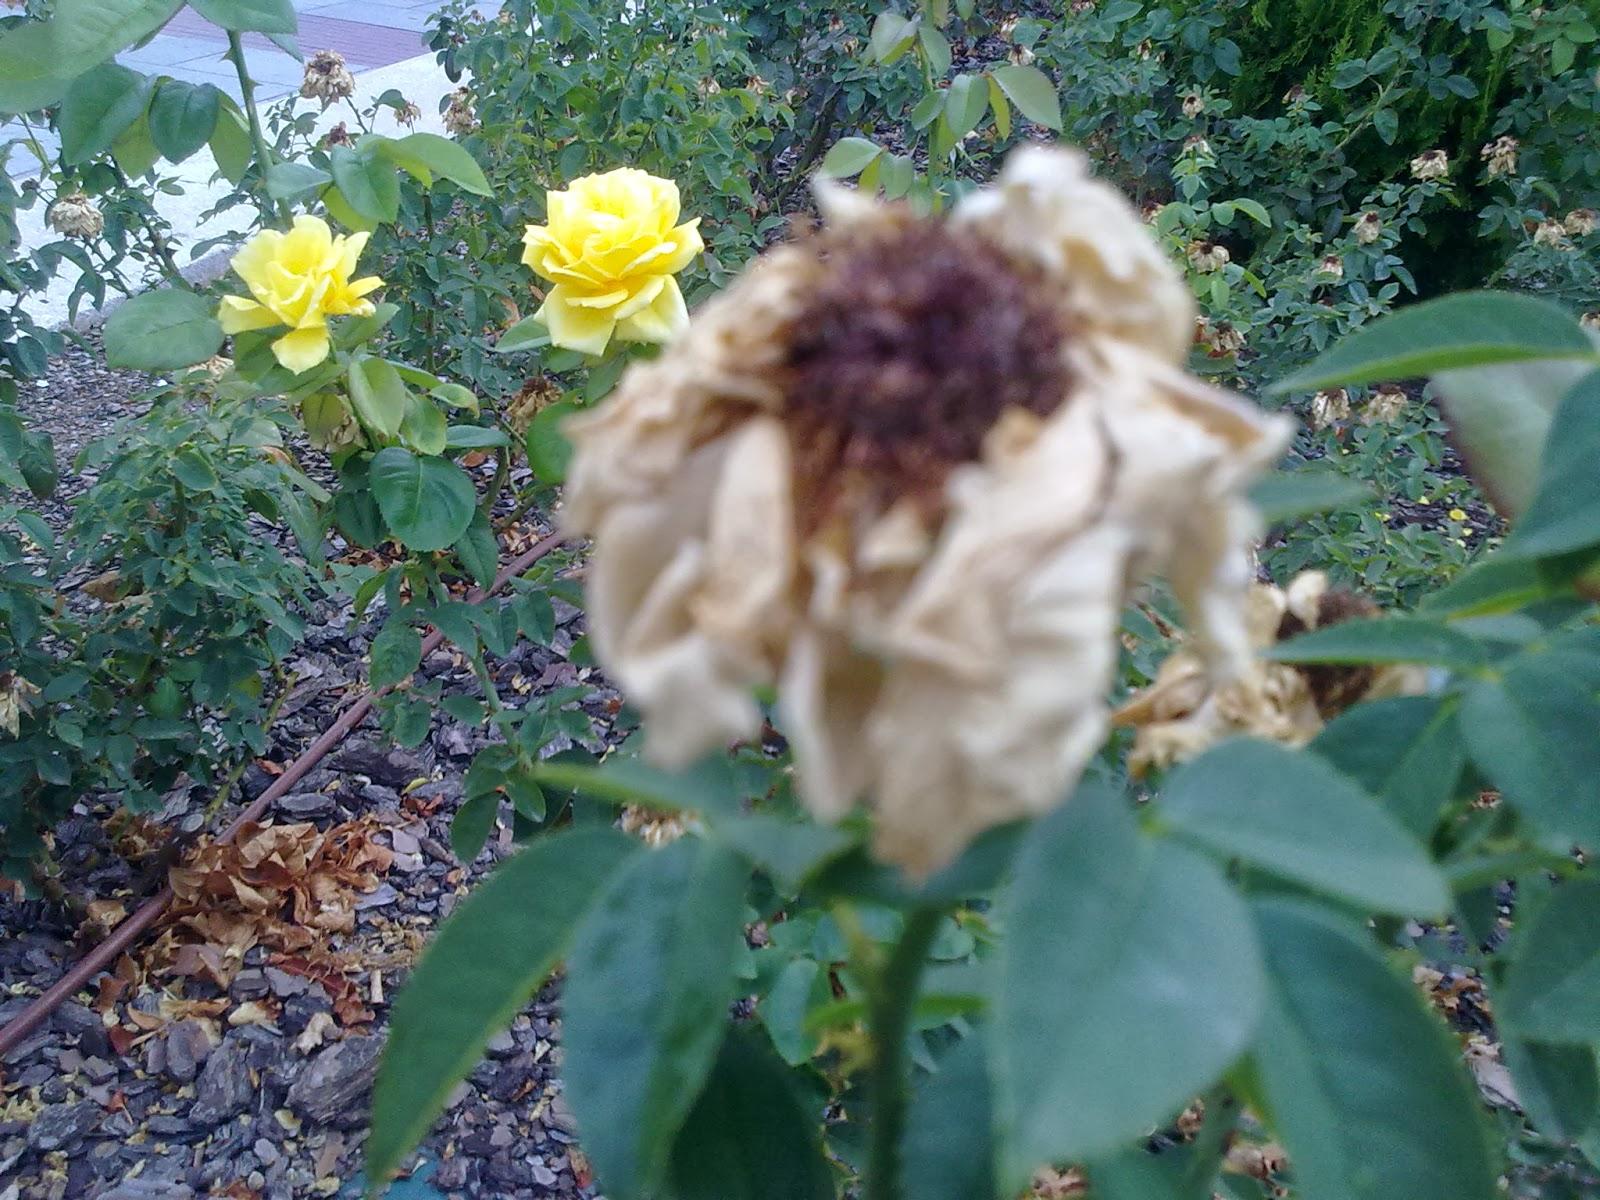 Imagenes De Rosas Marchitas Con Frases - Rosas marchitas Imágenes para facebook